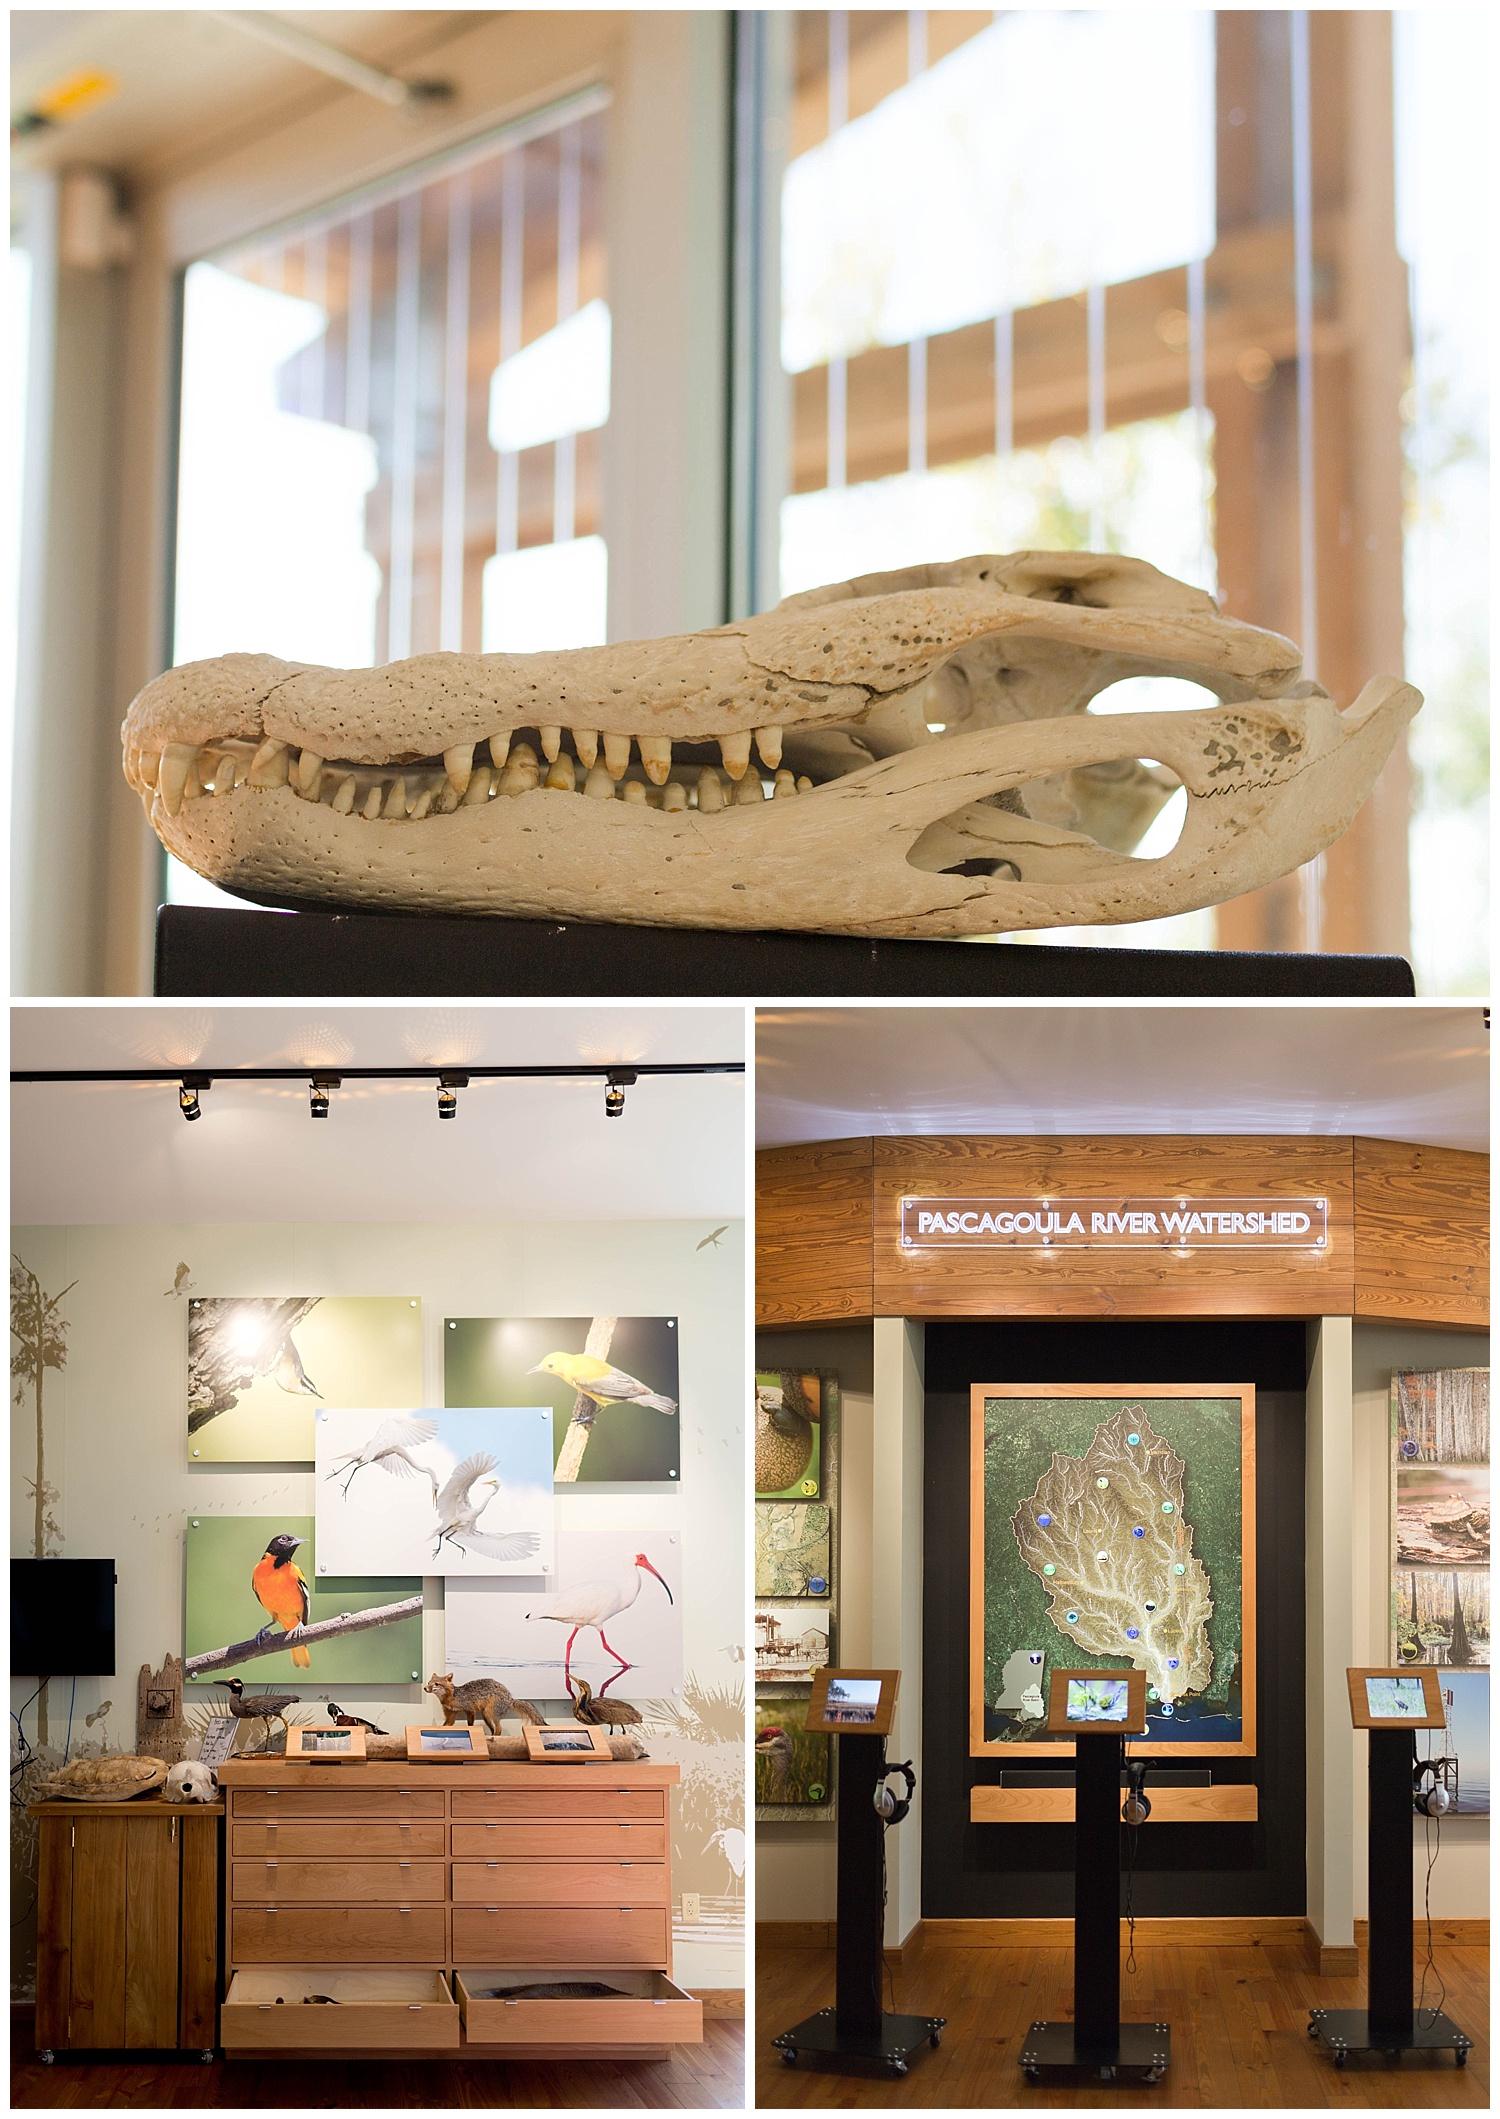 interior of Pascagoula River Audubon Center museum